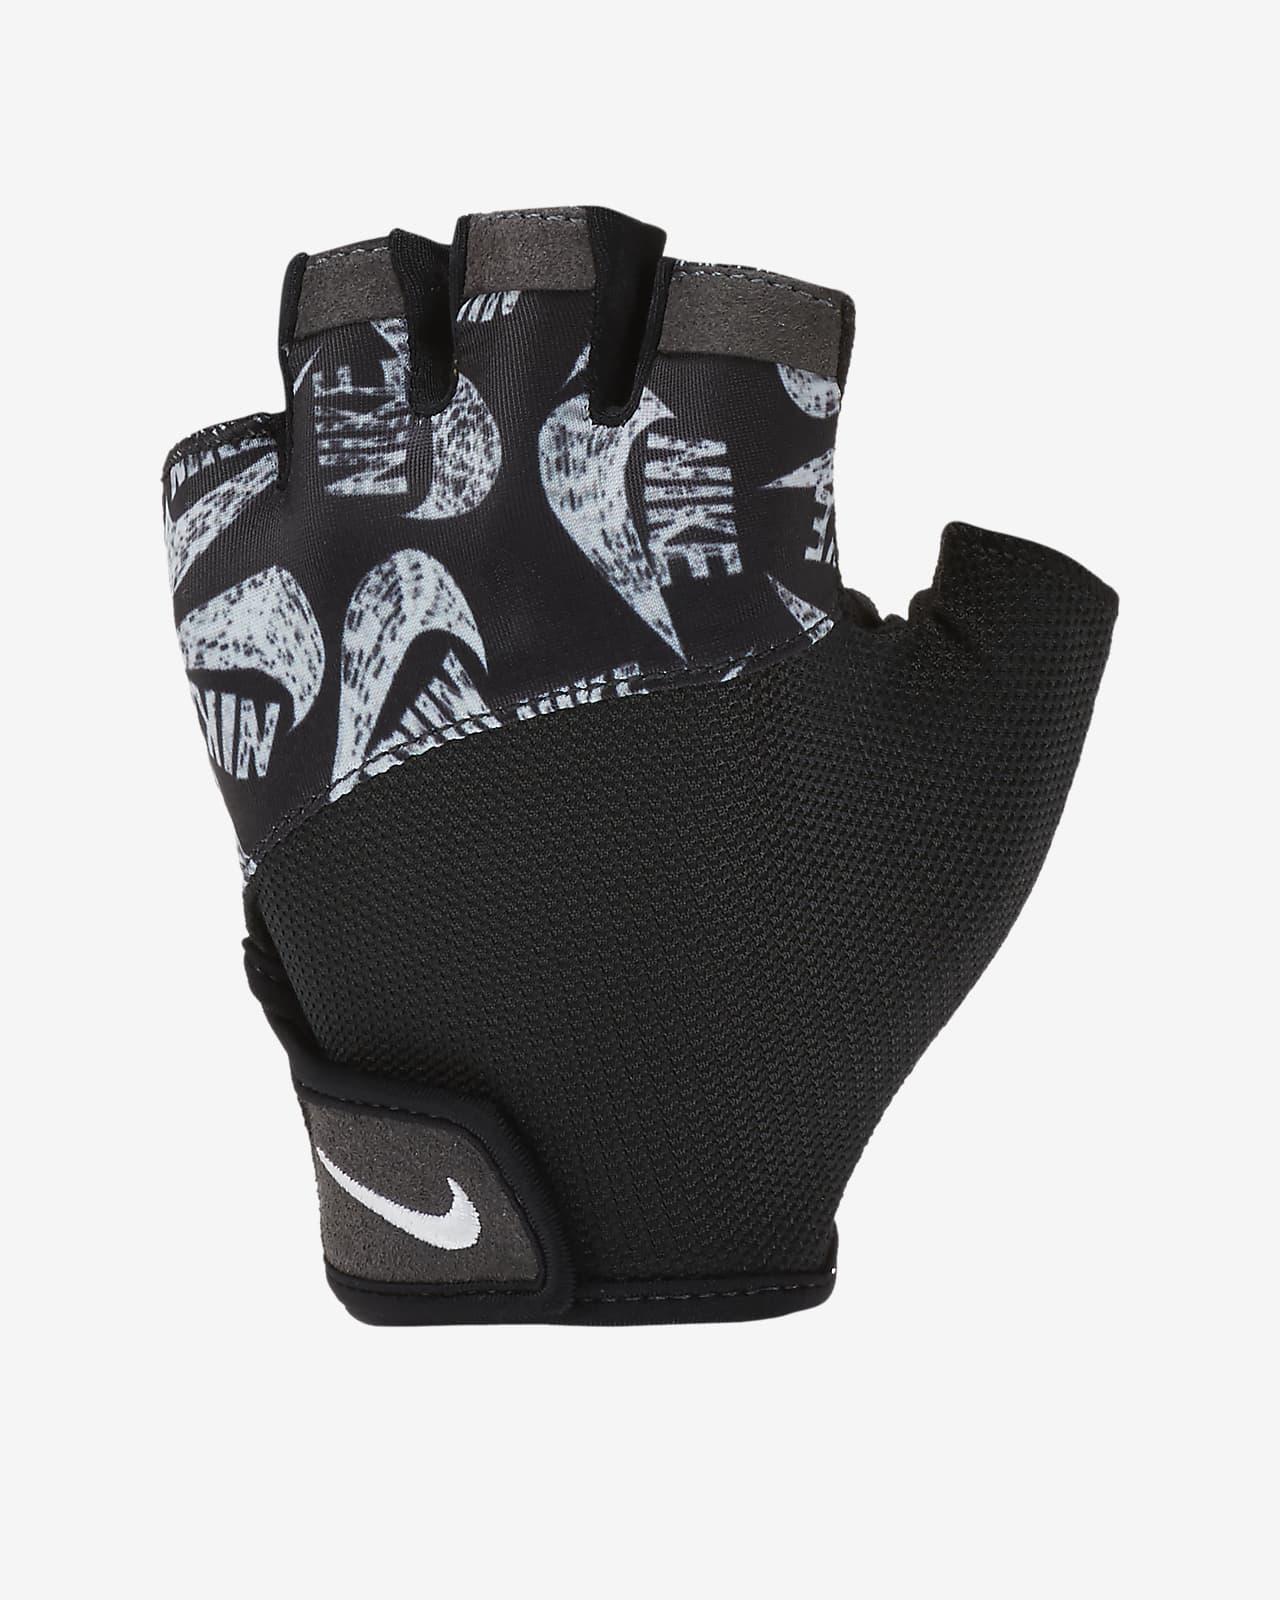 Dámské tréninkové rukavice Nike Gym Elemental s potiskem